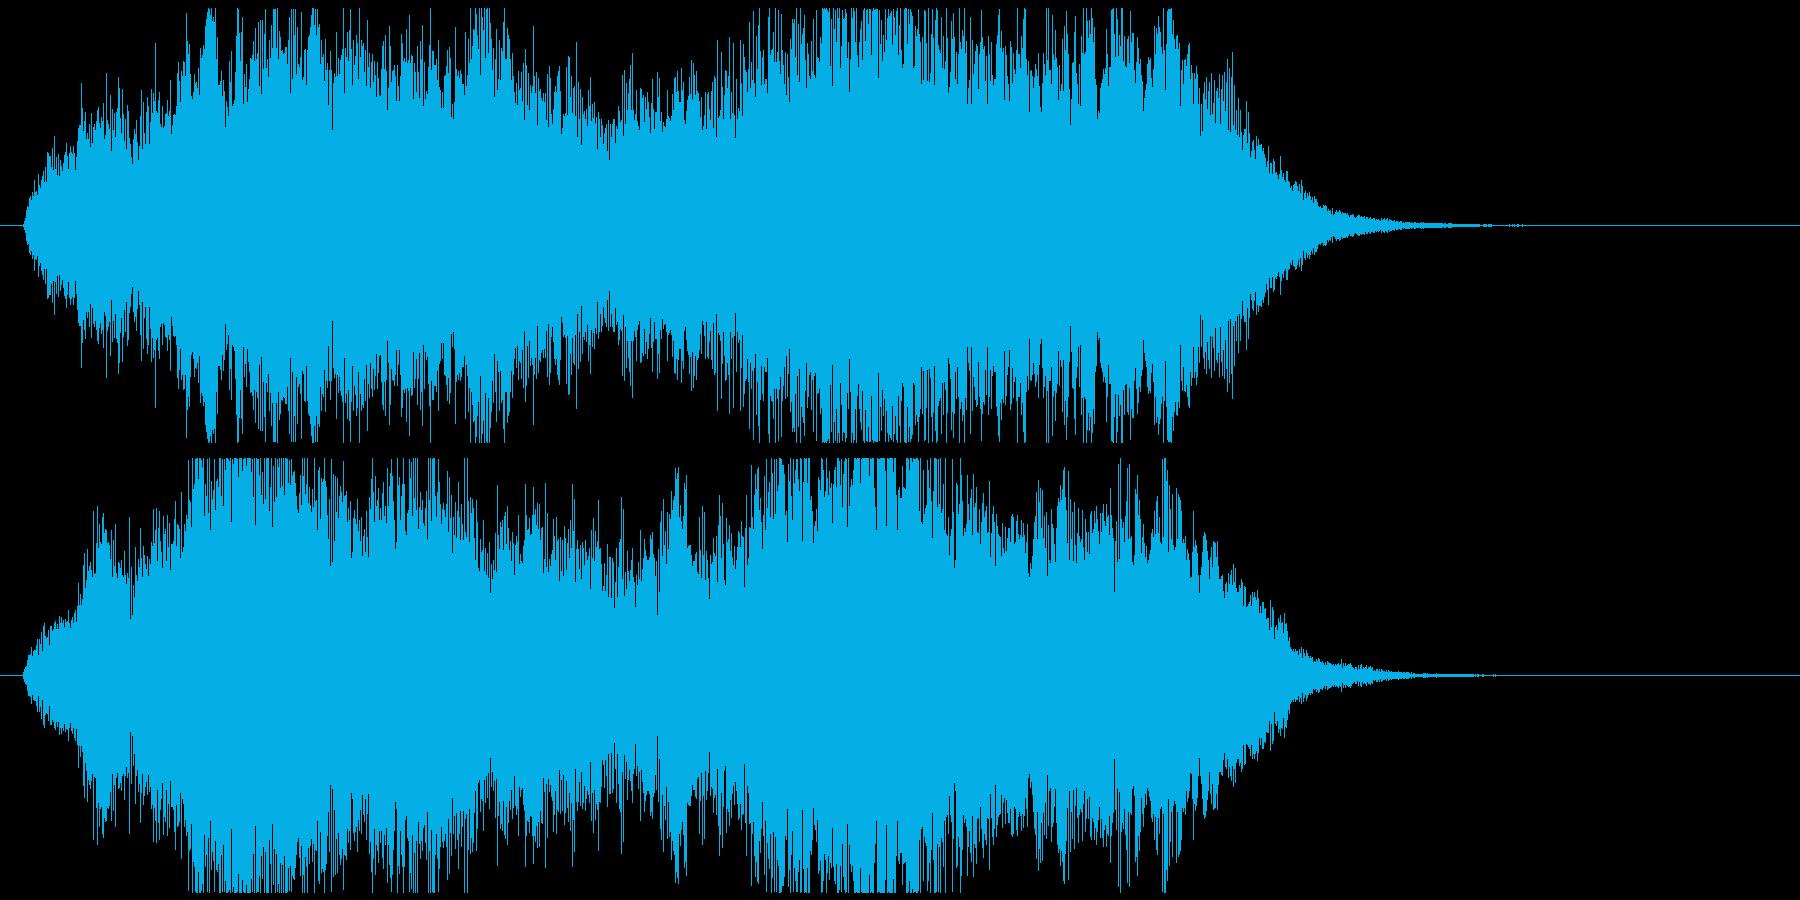 感動系のオーケストラジングルの再生済みの波形